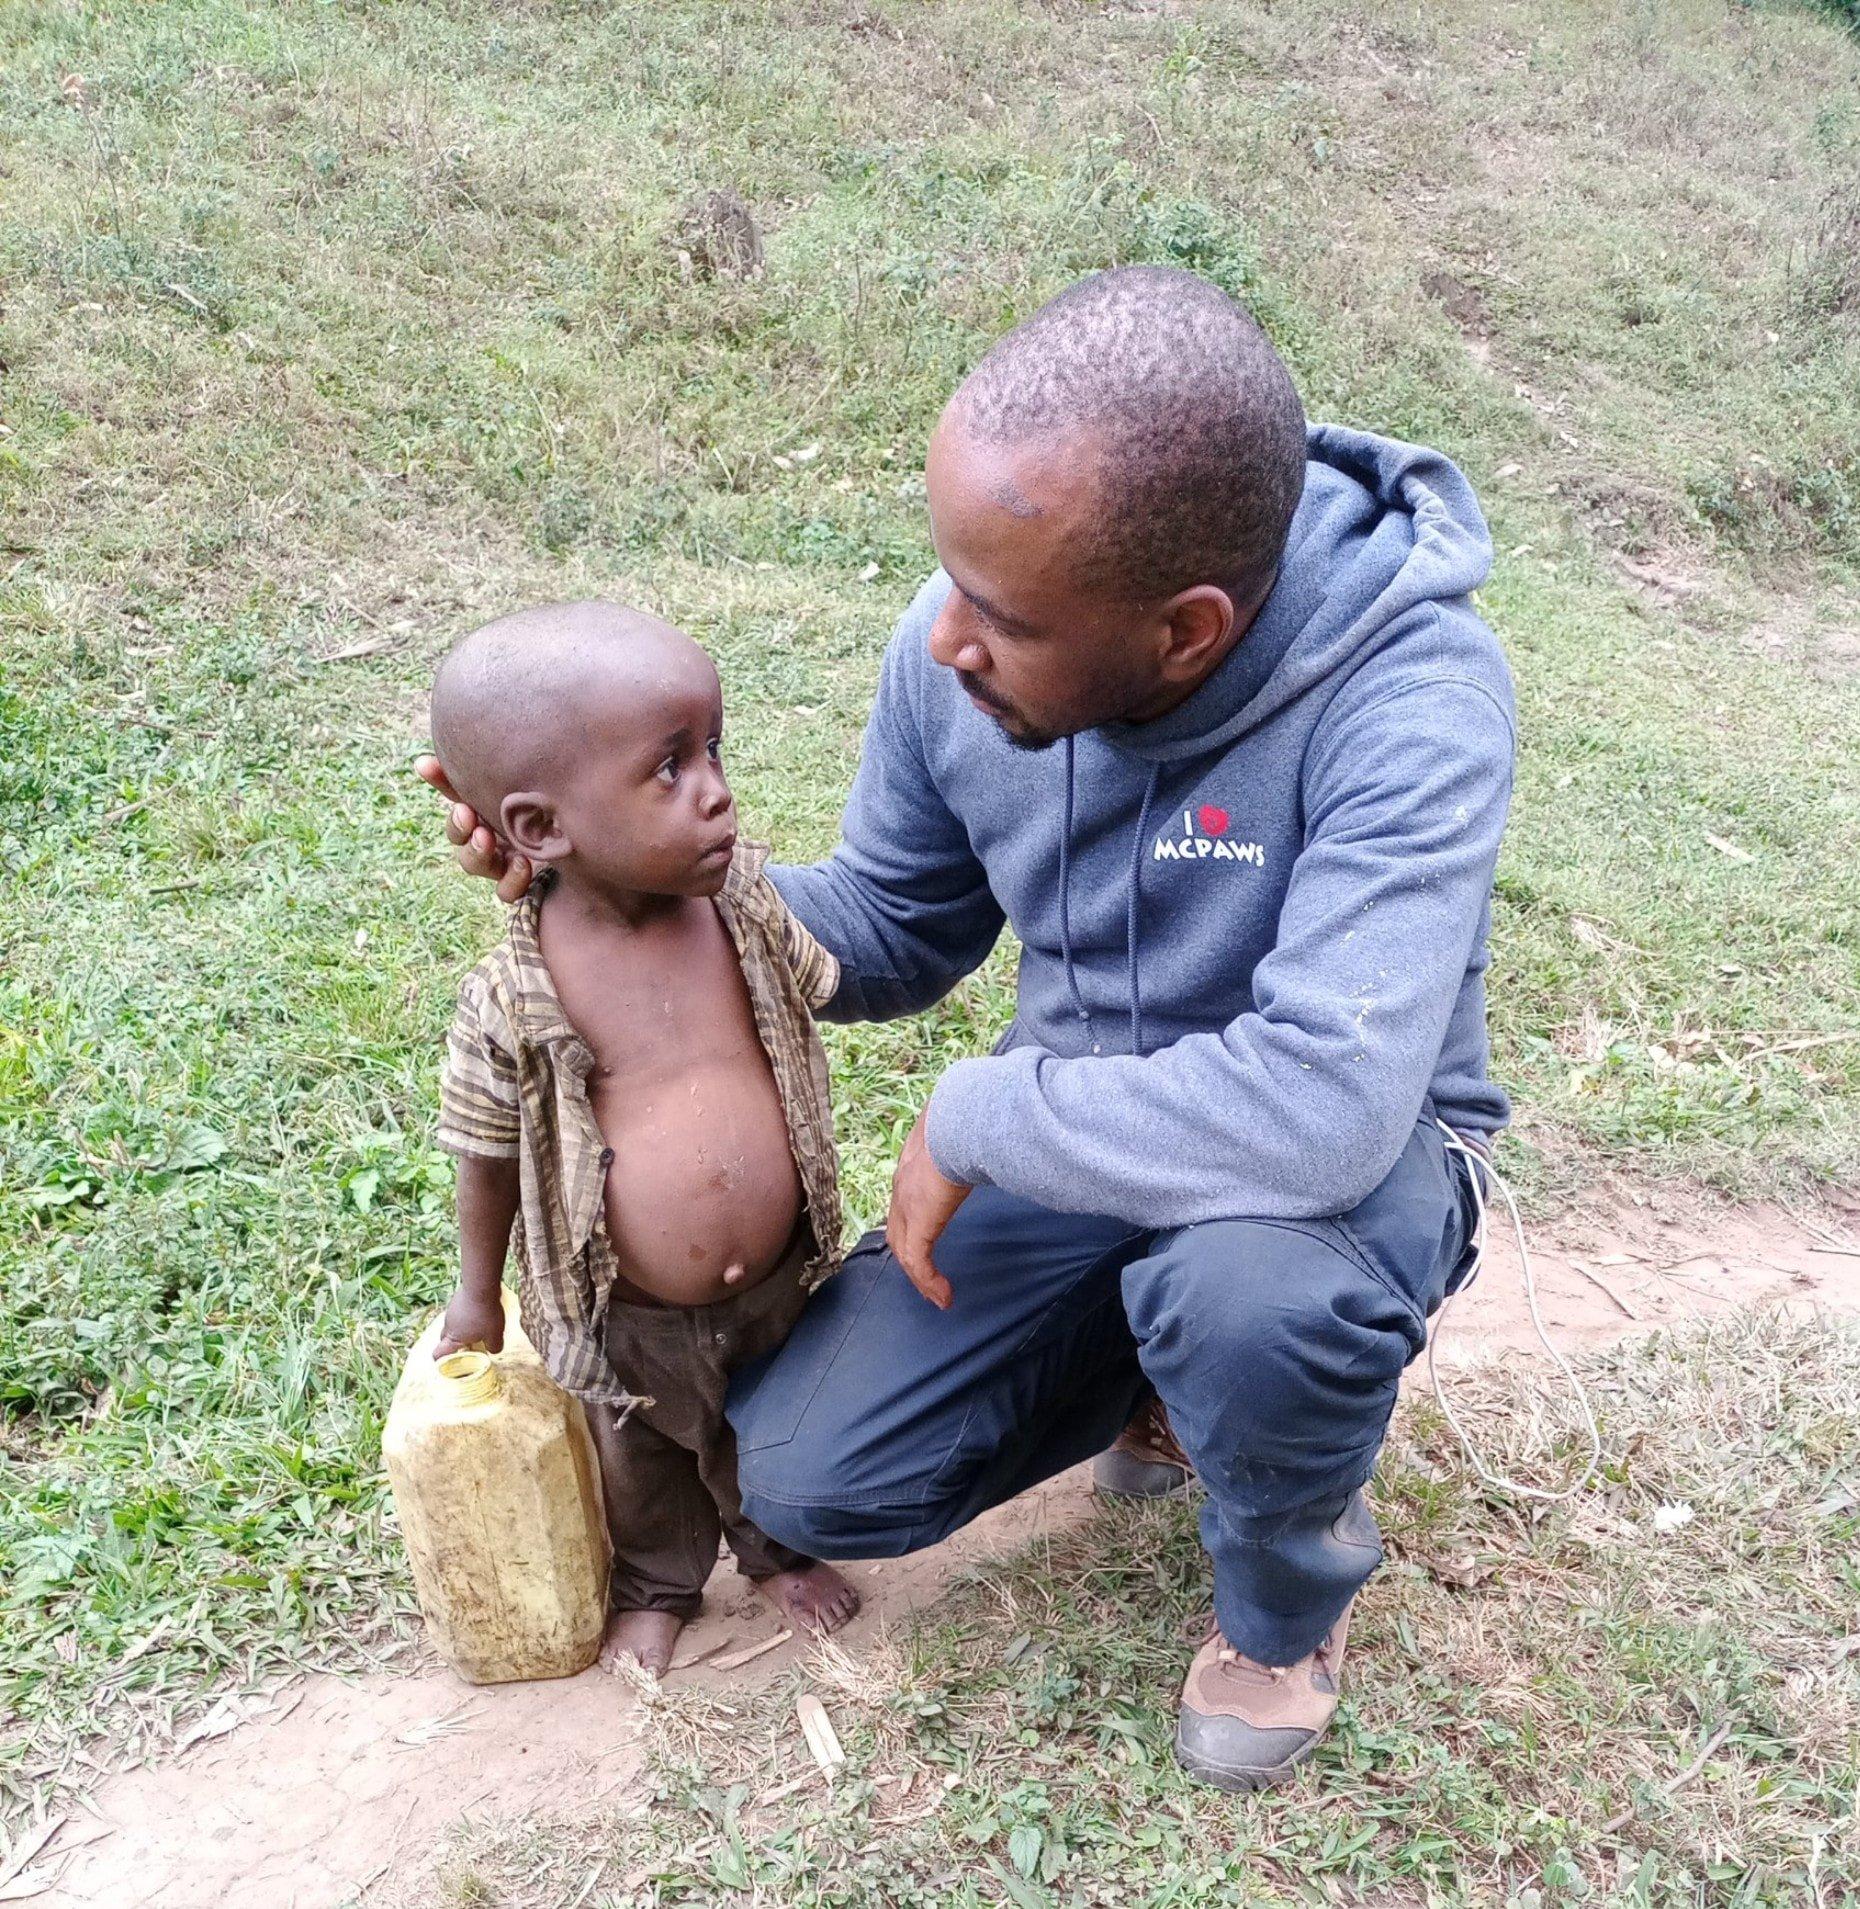 Richard Mwesigwa helping Batwa child